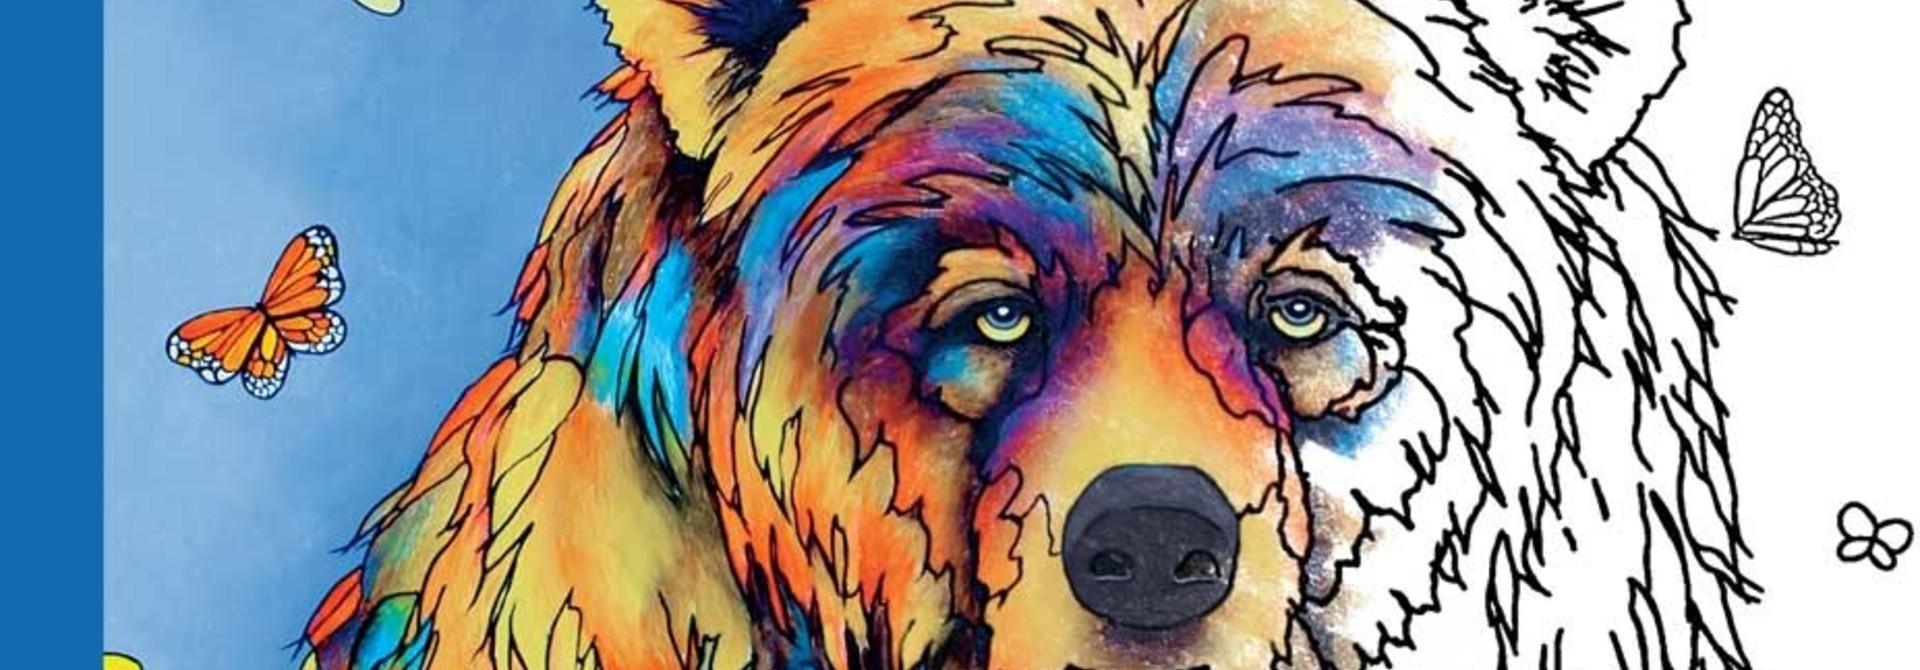 Colouring book - Micqaela Jones